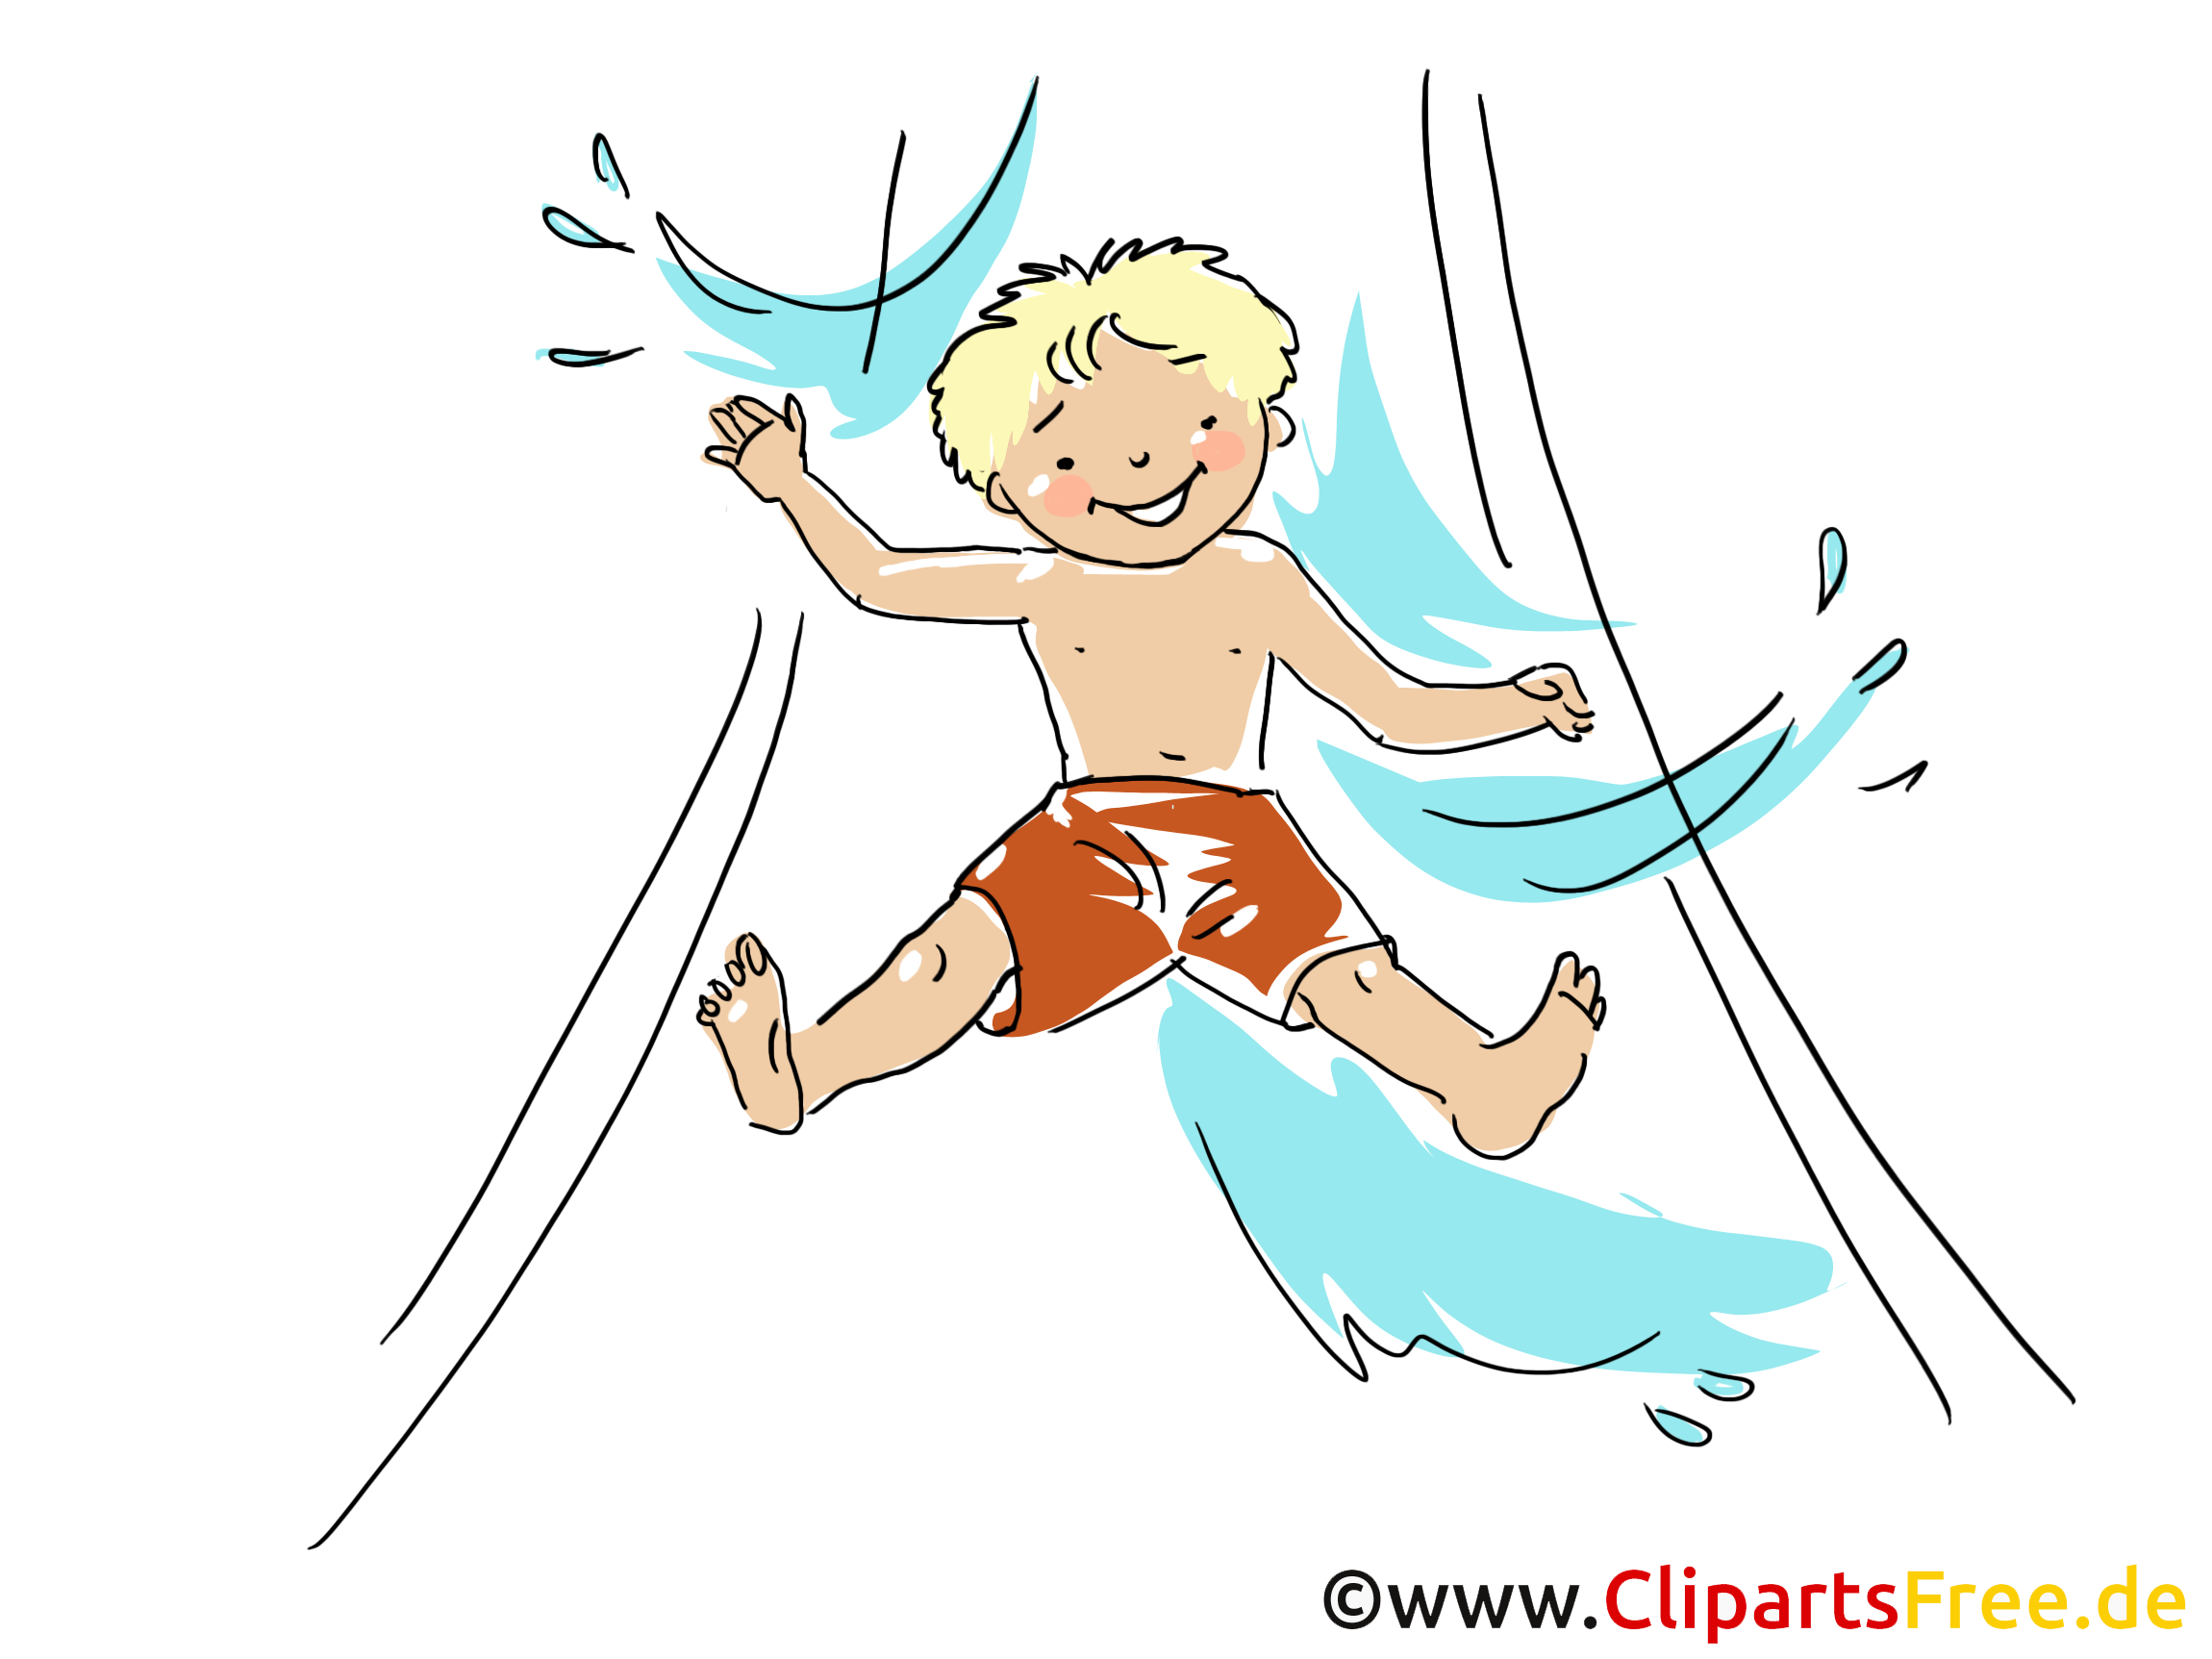 Wasserrutsche Clipart, Bild, Cartoon, Comic, Grafik